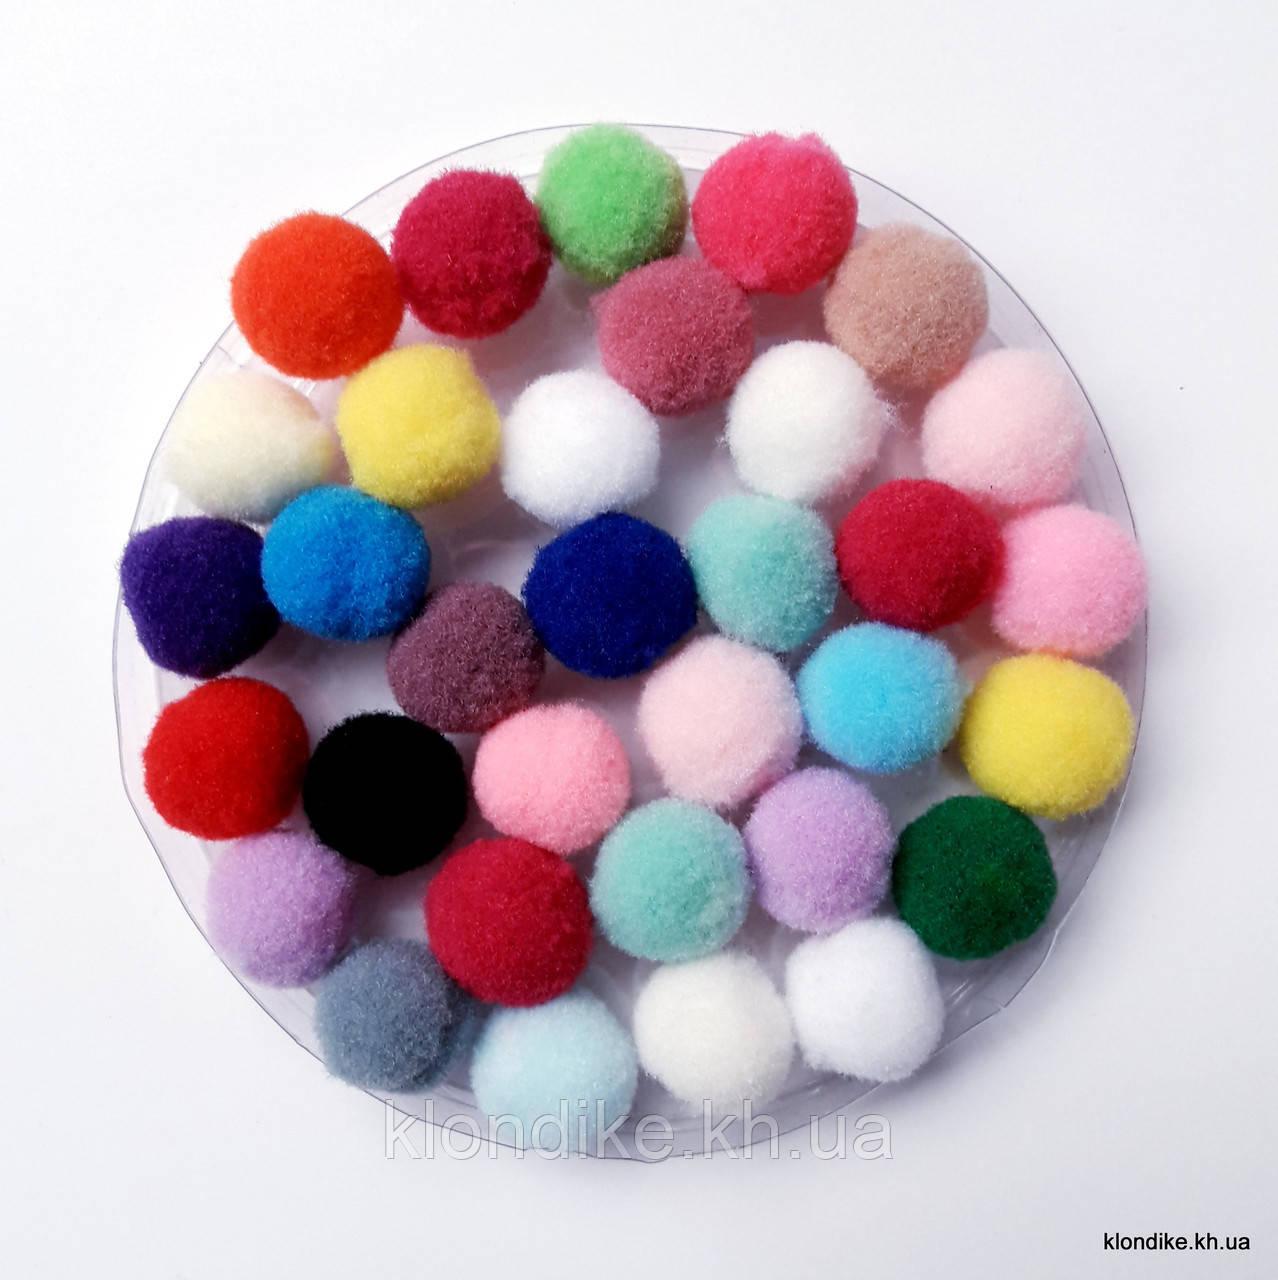 """Помпоны """"Велюр"""", 1 см, Цвет: Микс (75 шт.)"""